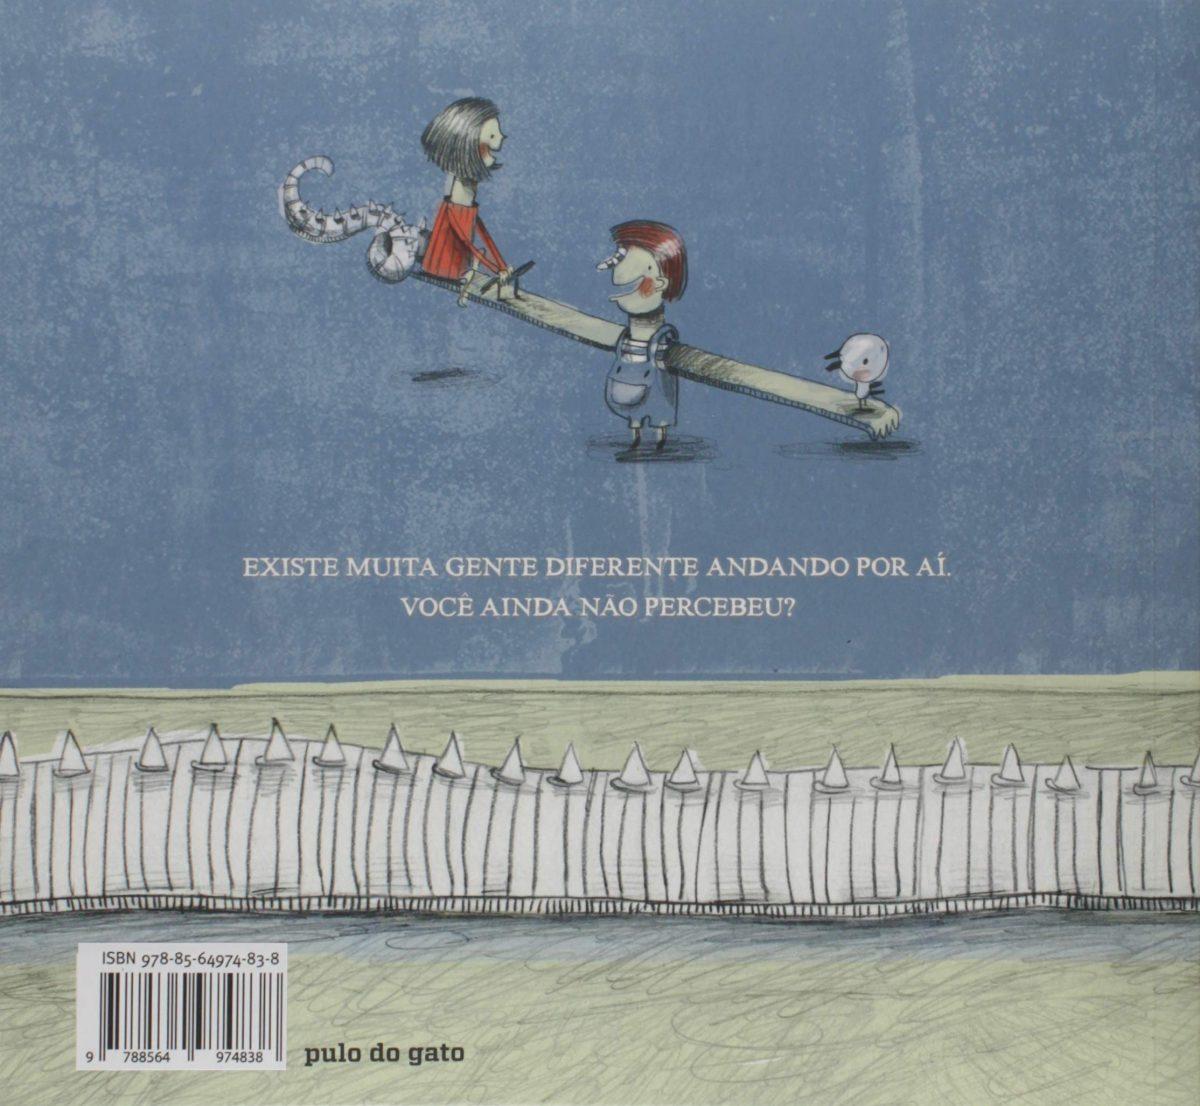 direfentes scaled - 30 livros incríveis para começar a biblioteca de suas crianças